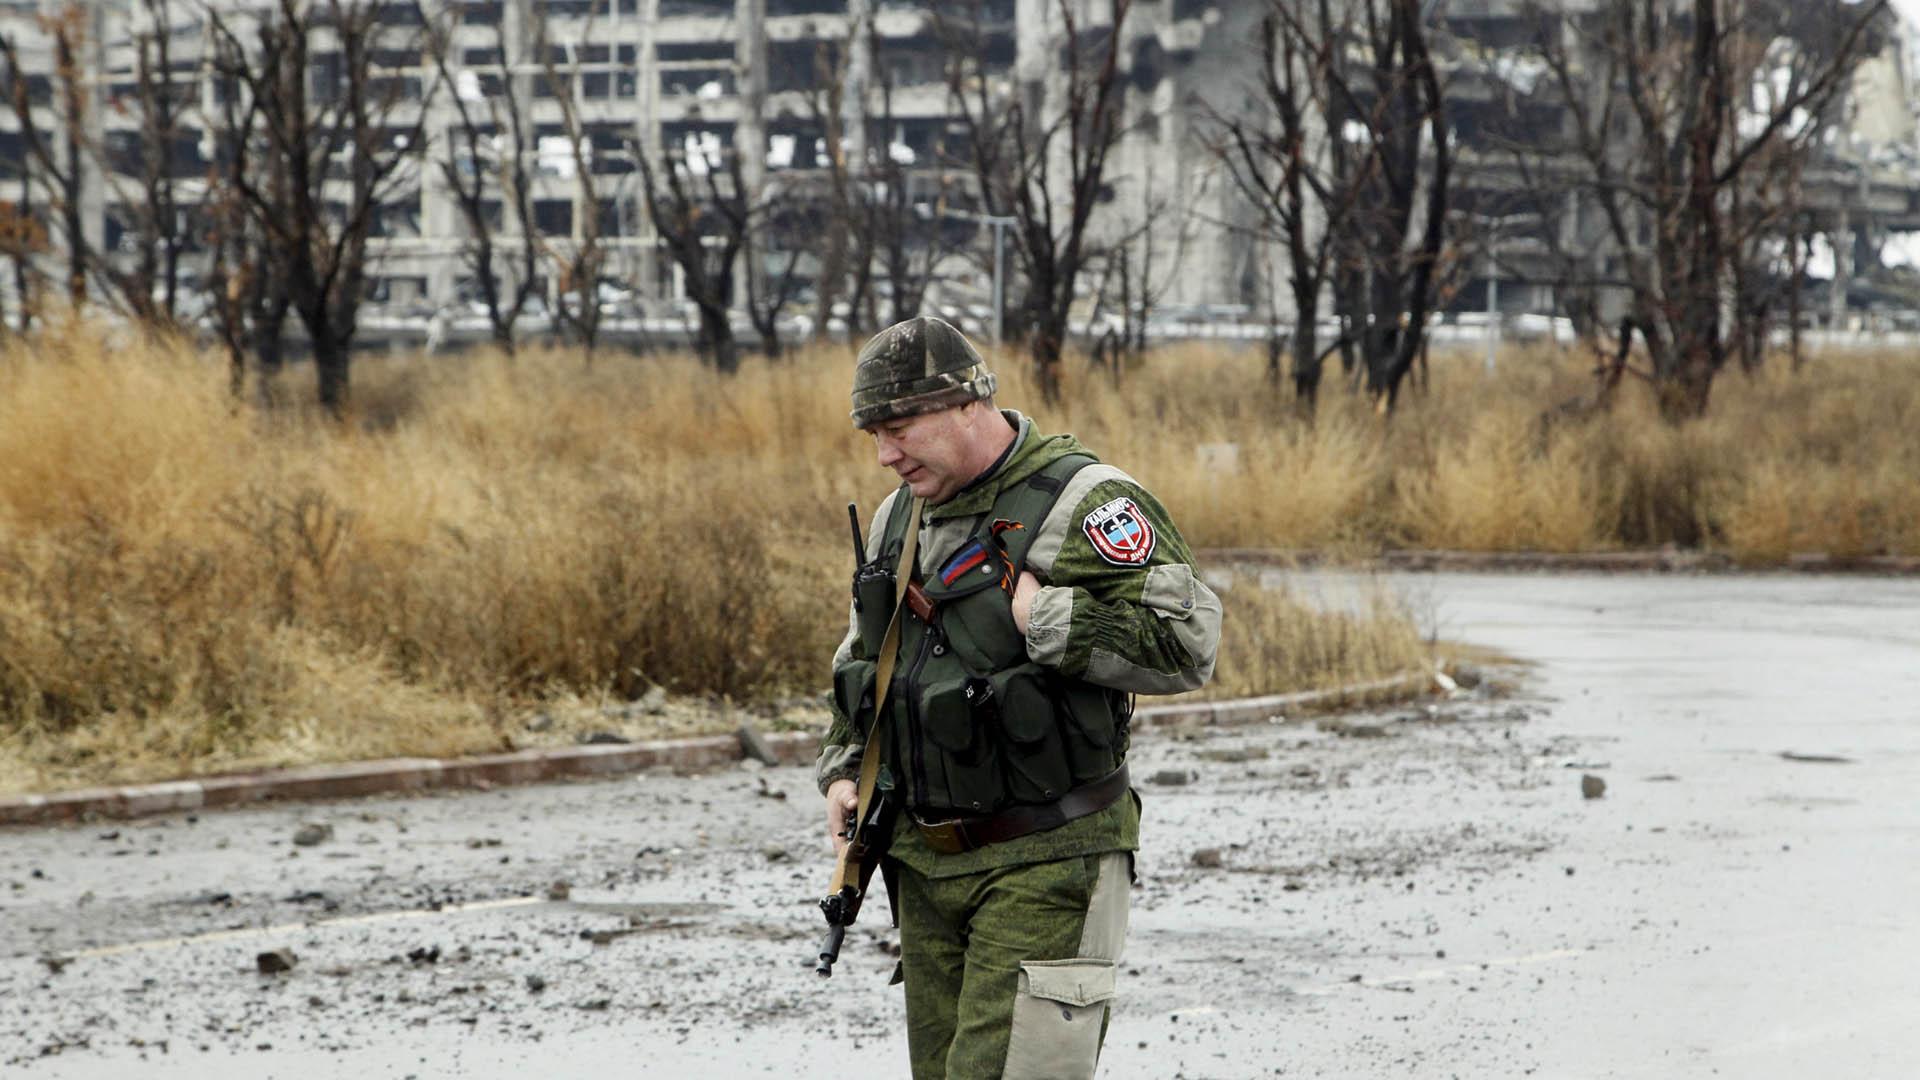 Un tribunal les condenará por invadir territorio de Ucrania sin solicitar permiso previo